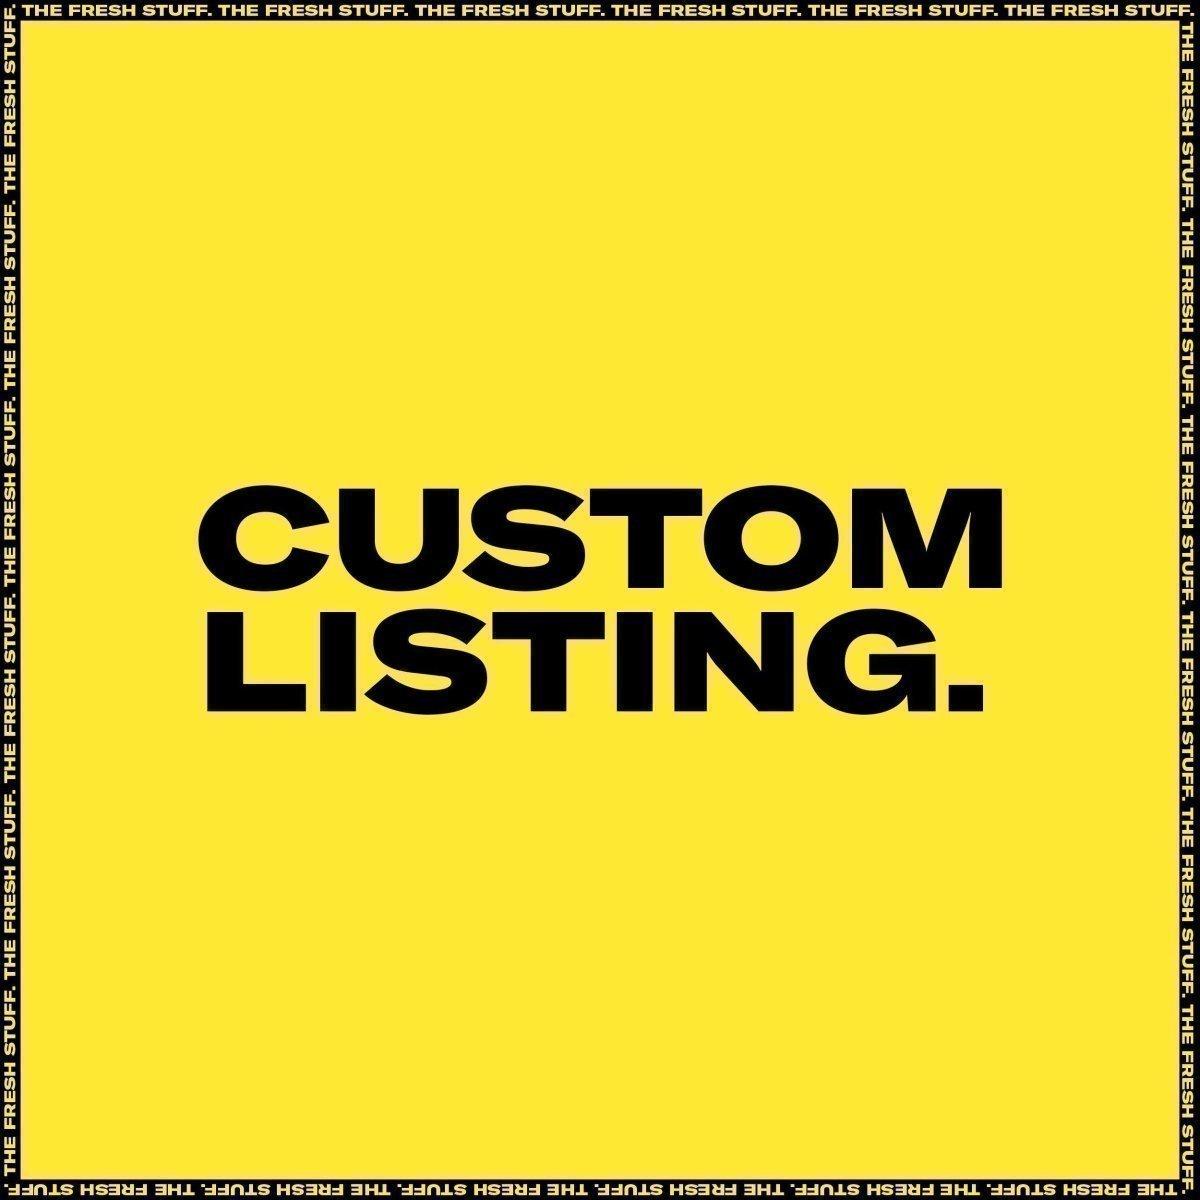 CUSTOM LISTING: For @Debbie Dixon - Inhaler Customs [A2 + A3]